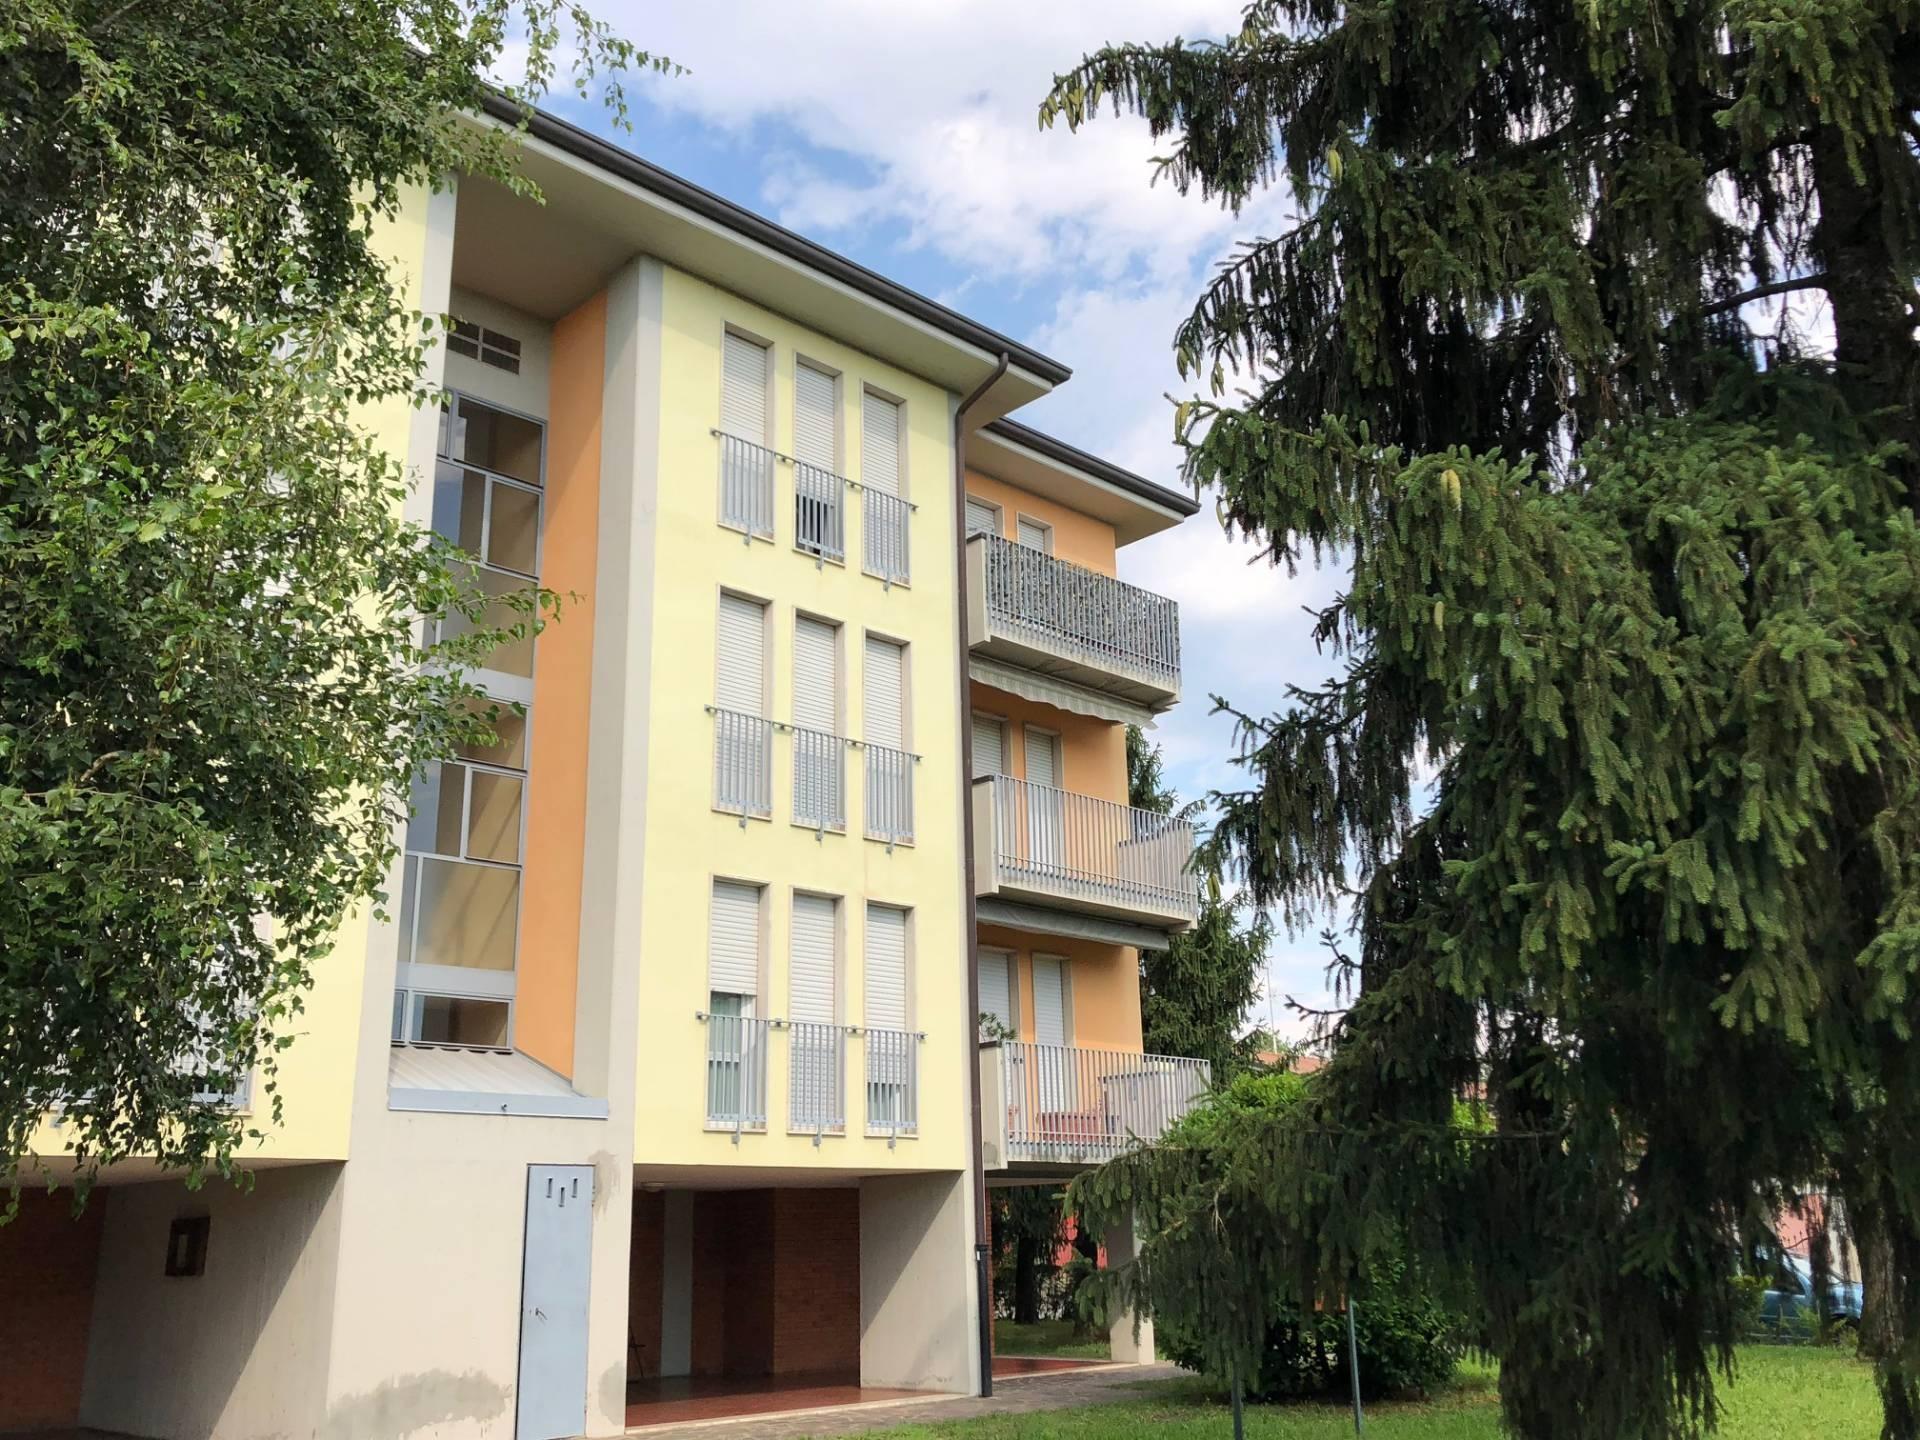 vendita appartamento palosco   78000 euro  4 locali  108 mq